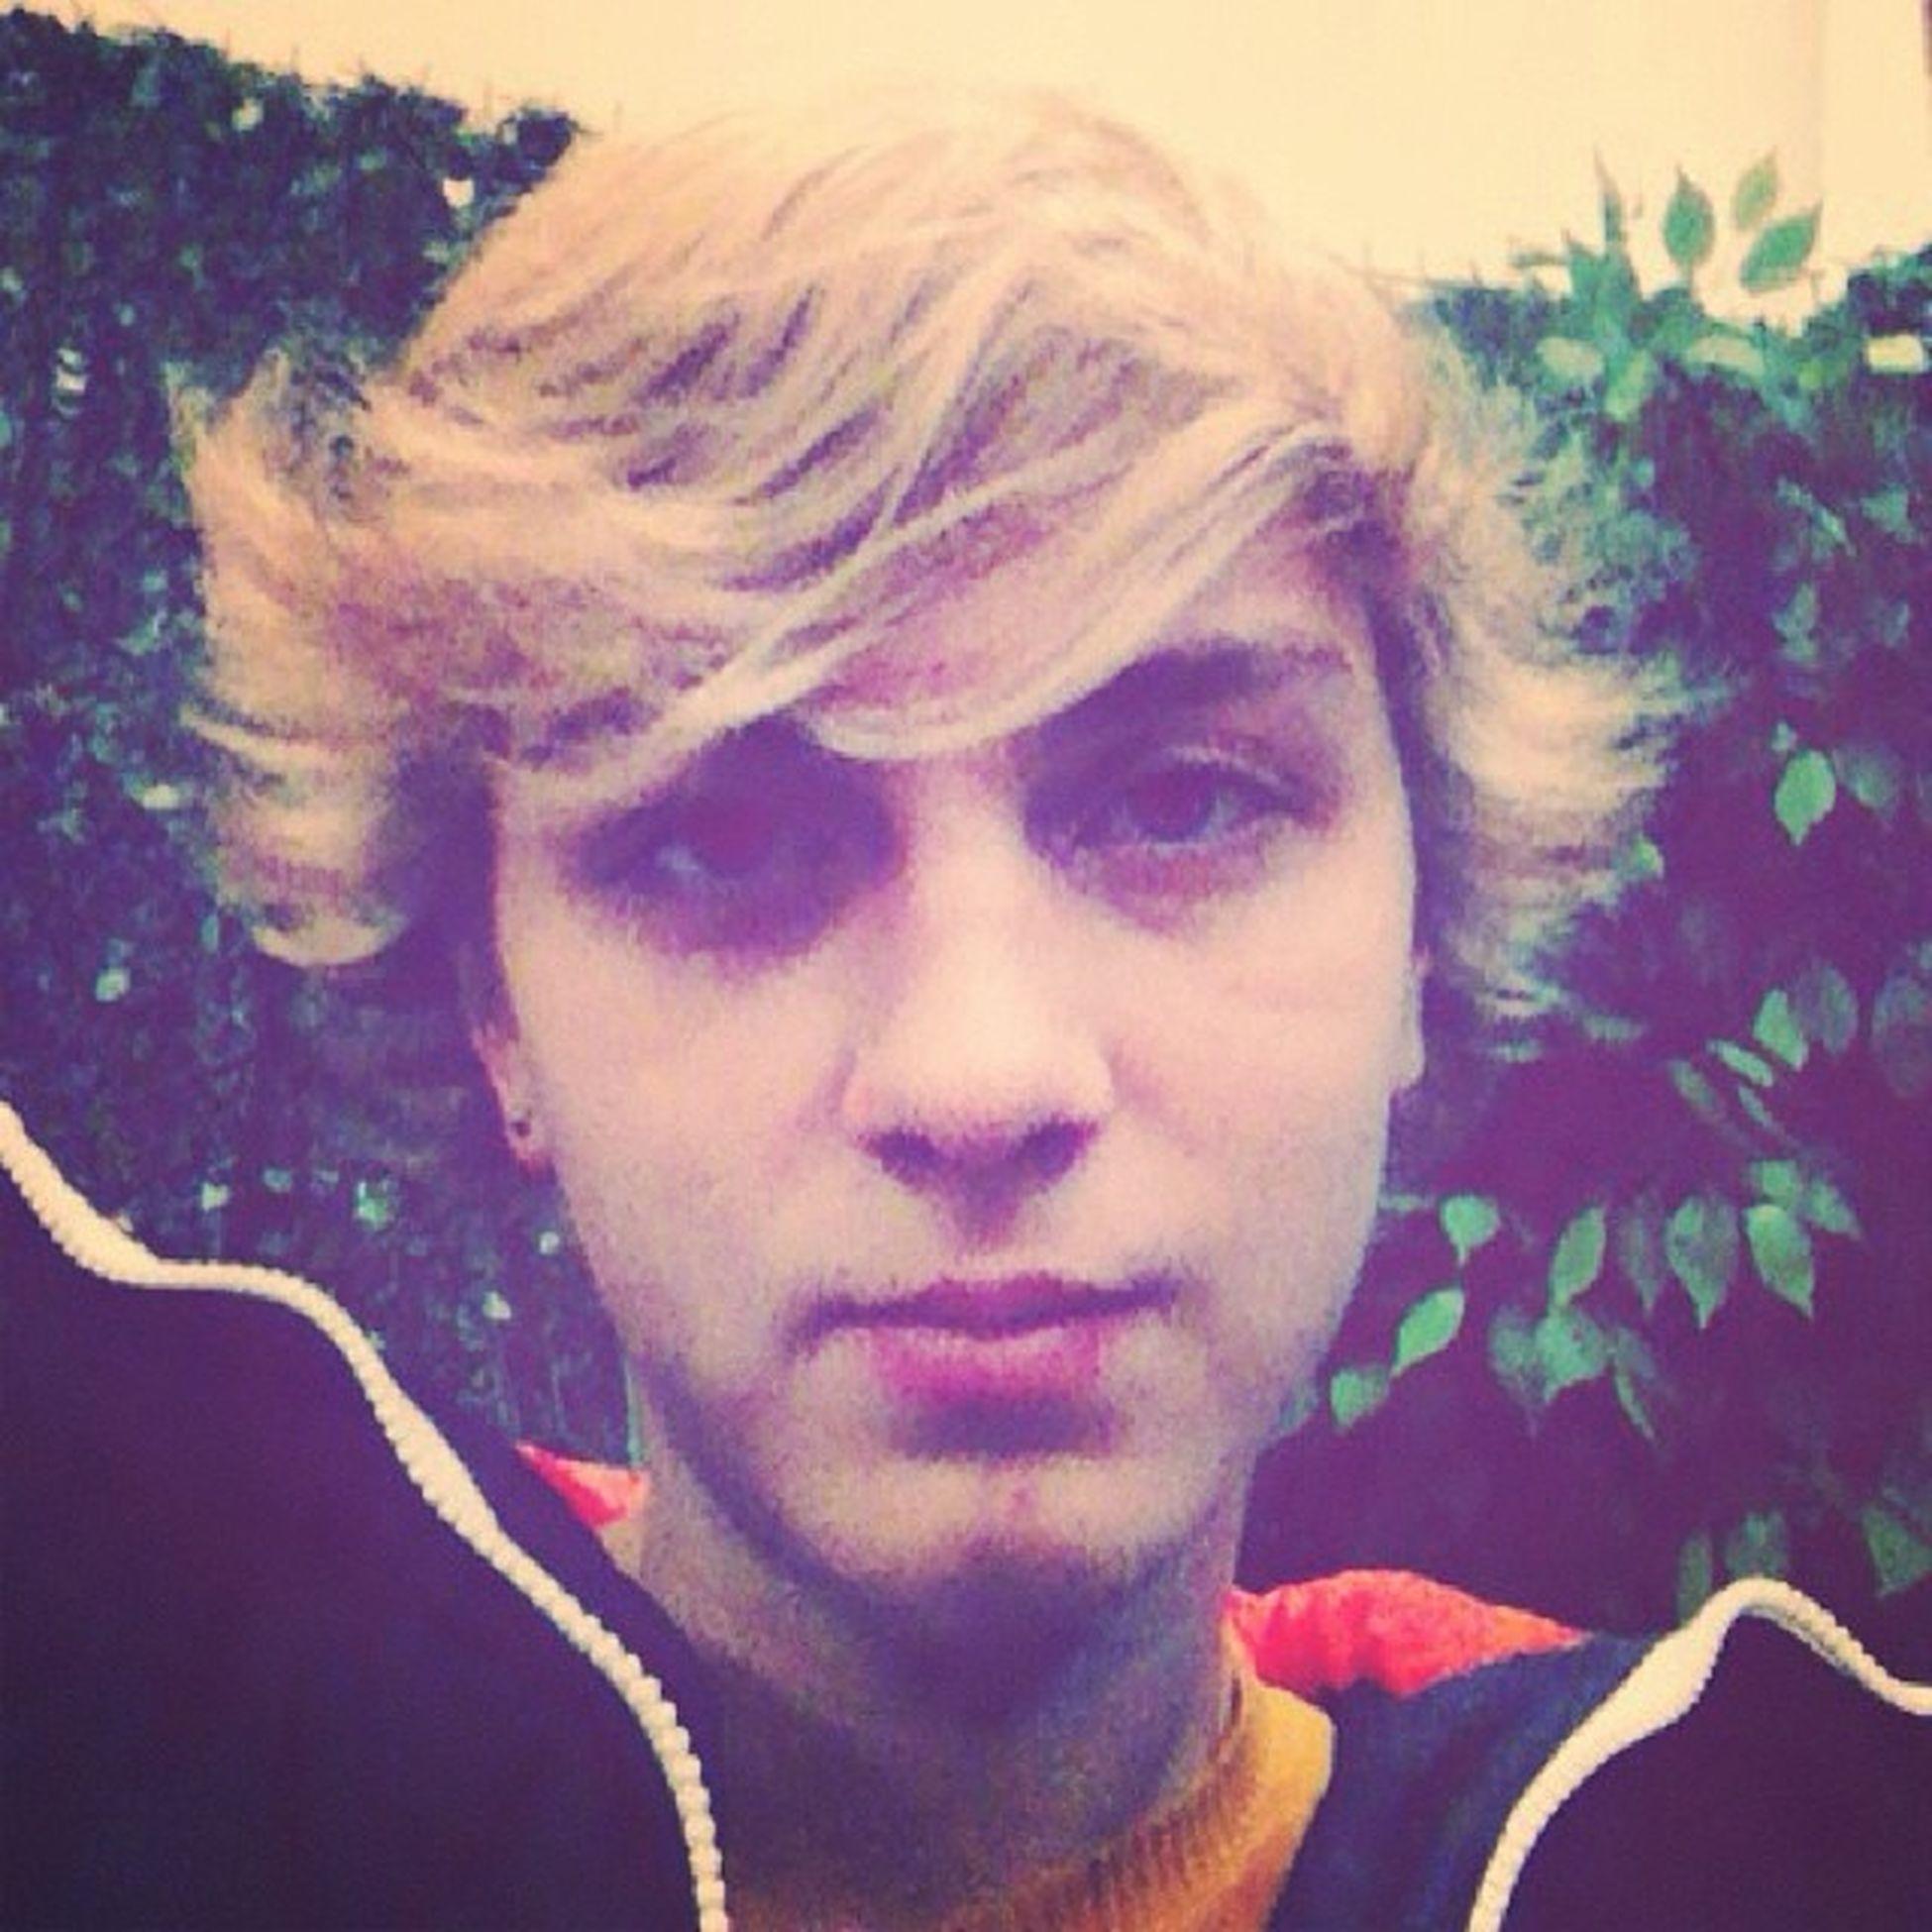 L4l Lfl Lforl F4F fff blonde blueeyes sweet cool cute idiot xD ? @enesaltinok